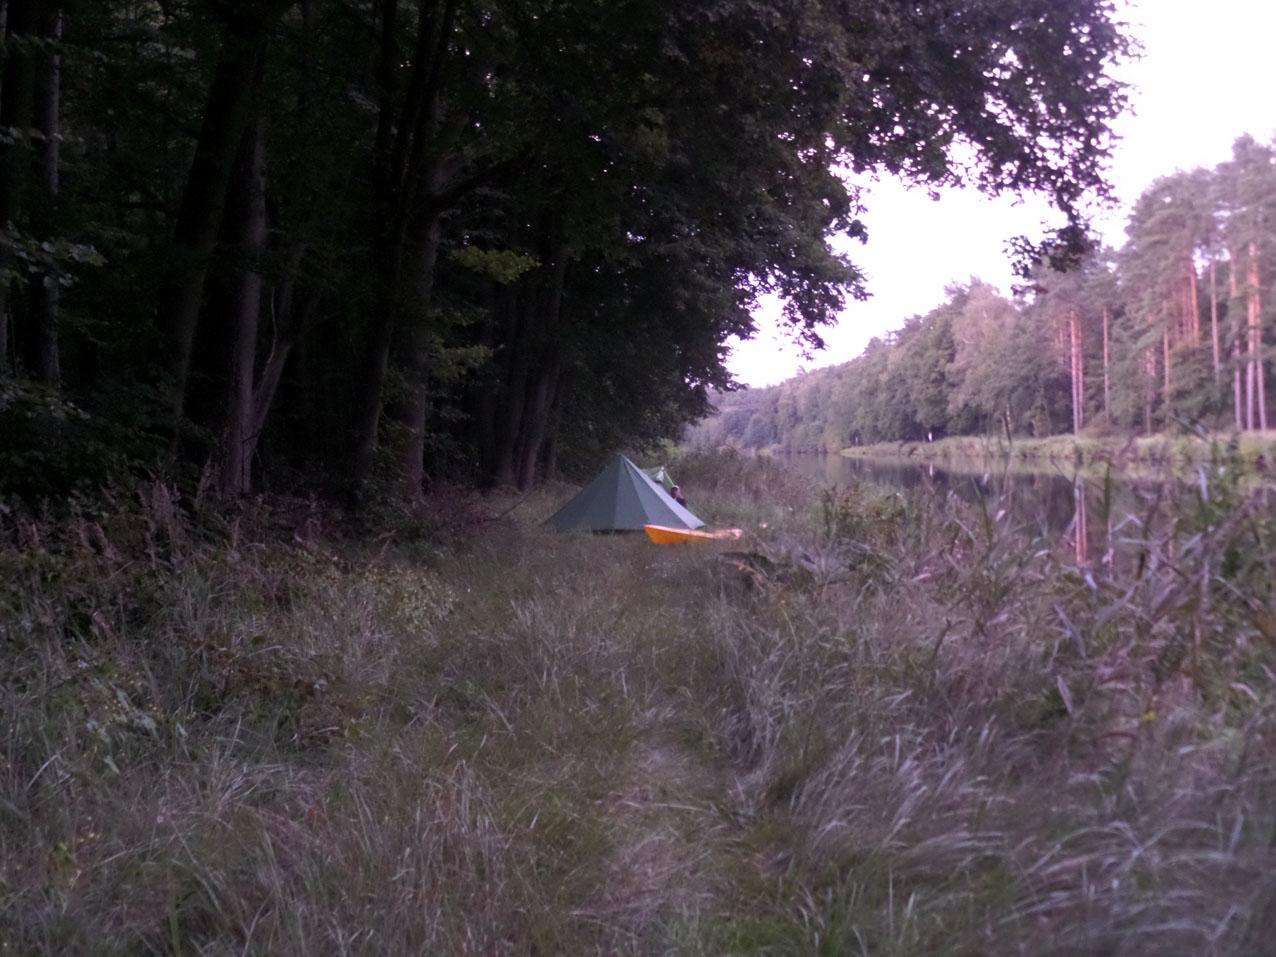 Aan de westoever van het Oder-Havel Kanal tussen km-aanduiding 34 en 35